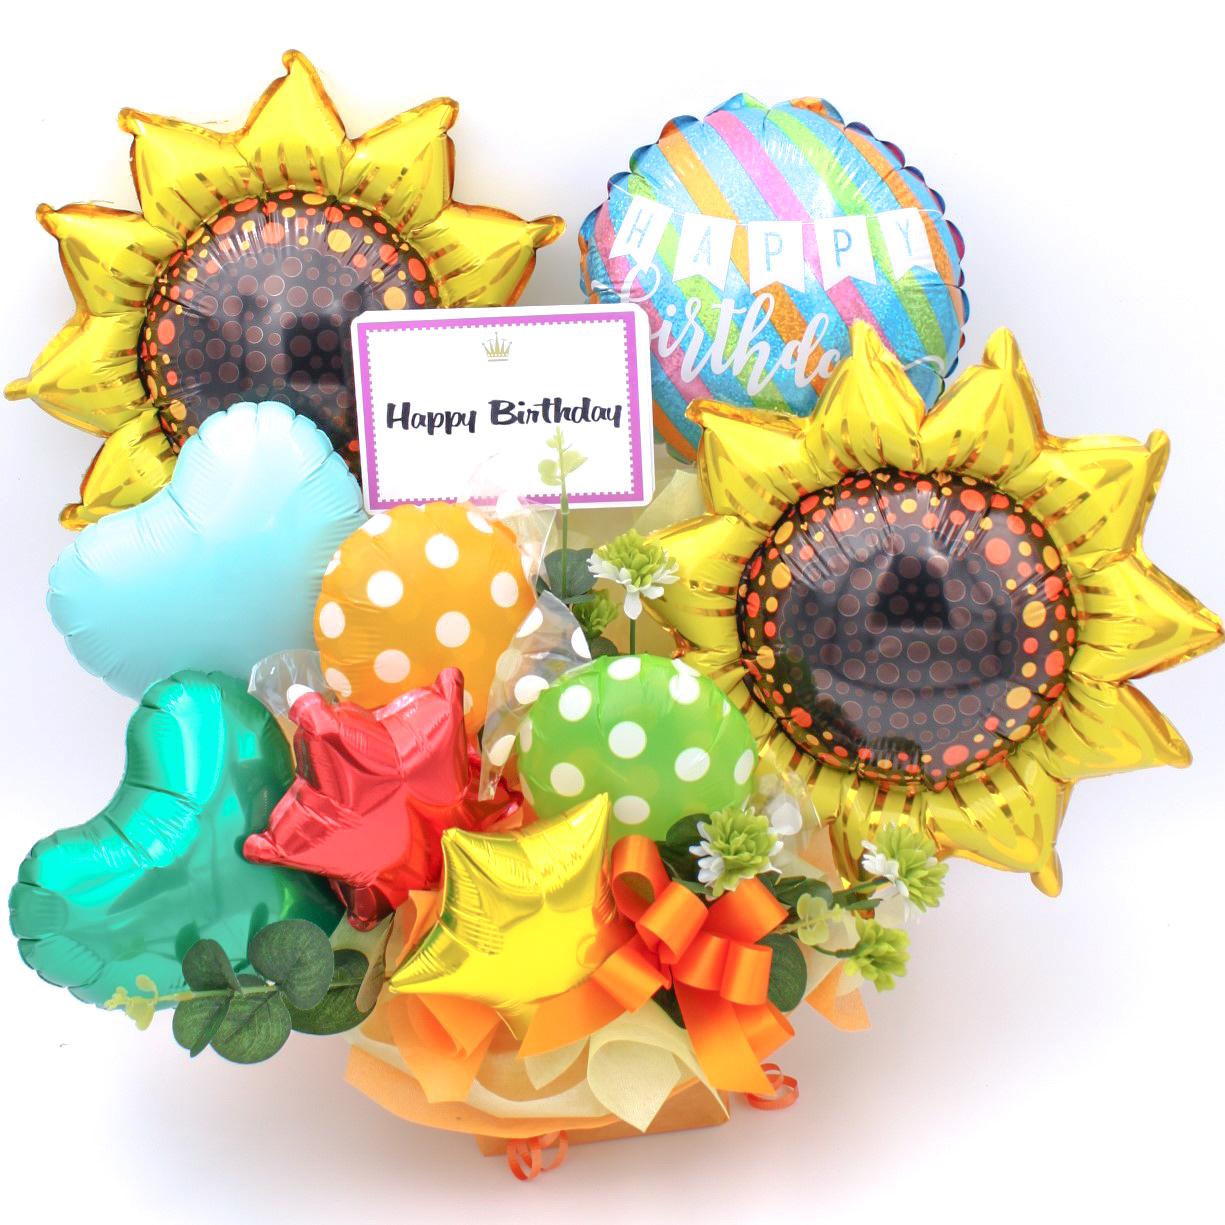 ひまわりバルーン誕生日プレゼント  誕生日、開店祝い、周年祝いなどに人気です   bd0072